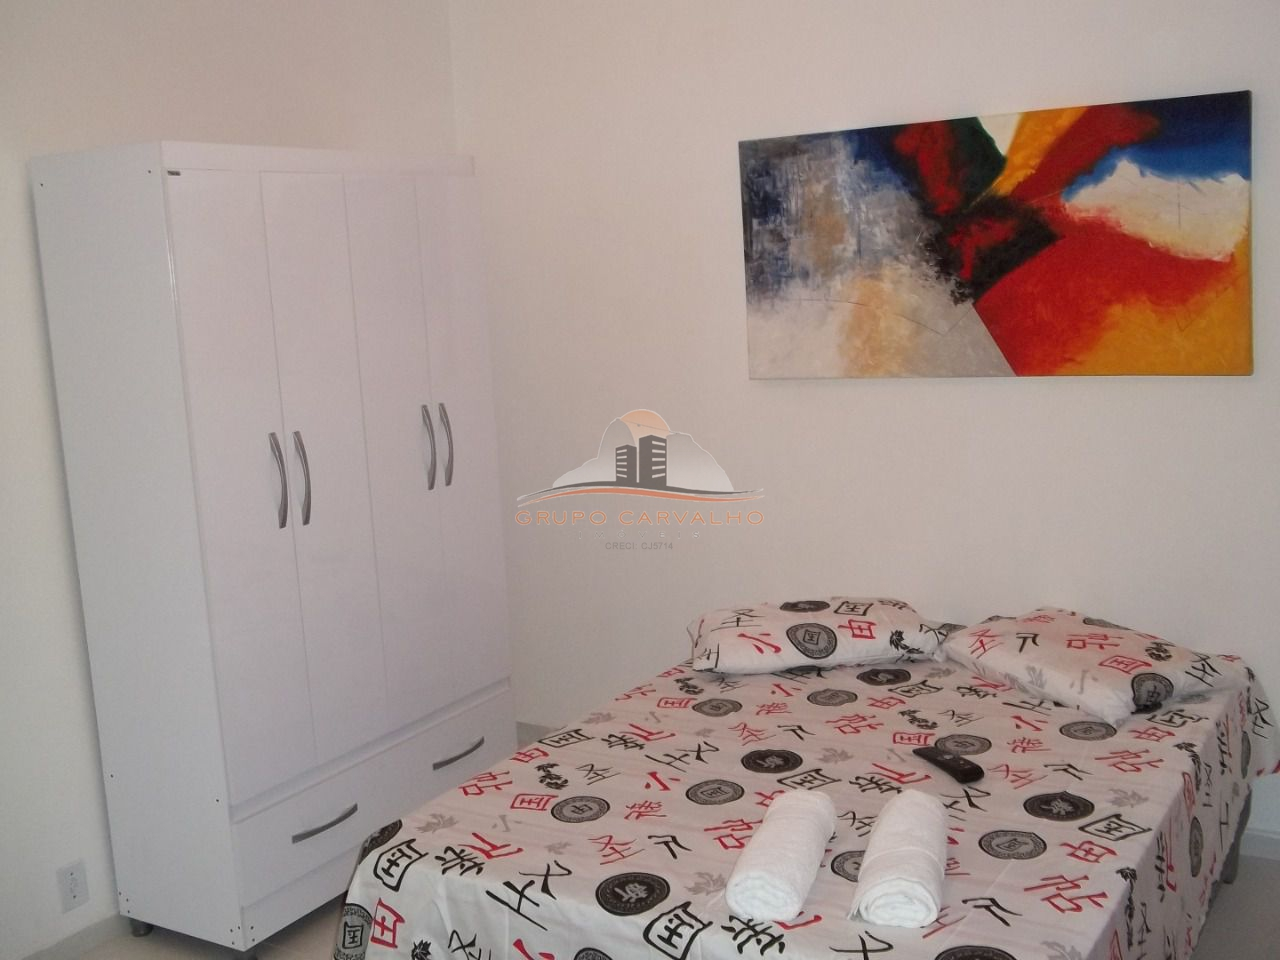 Kitnet/Conjugado 25m² à venda Rua Riachuelo,Rio de Janeiro,RJ - R$ 195.000 - CJI0011 - 1